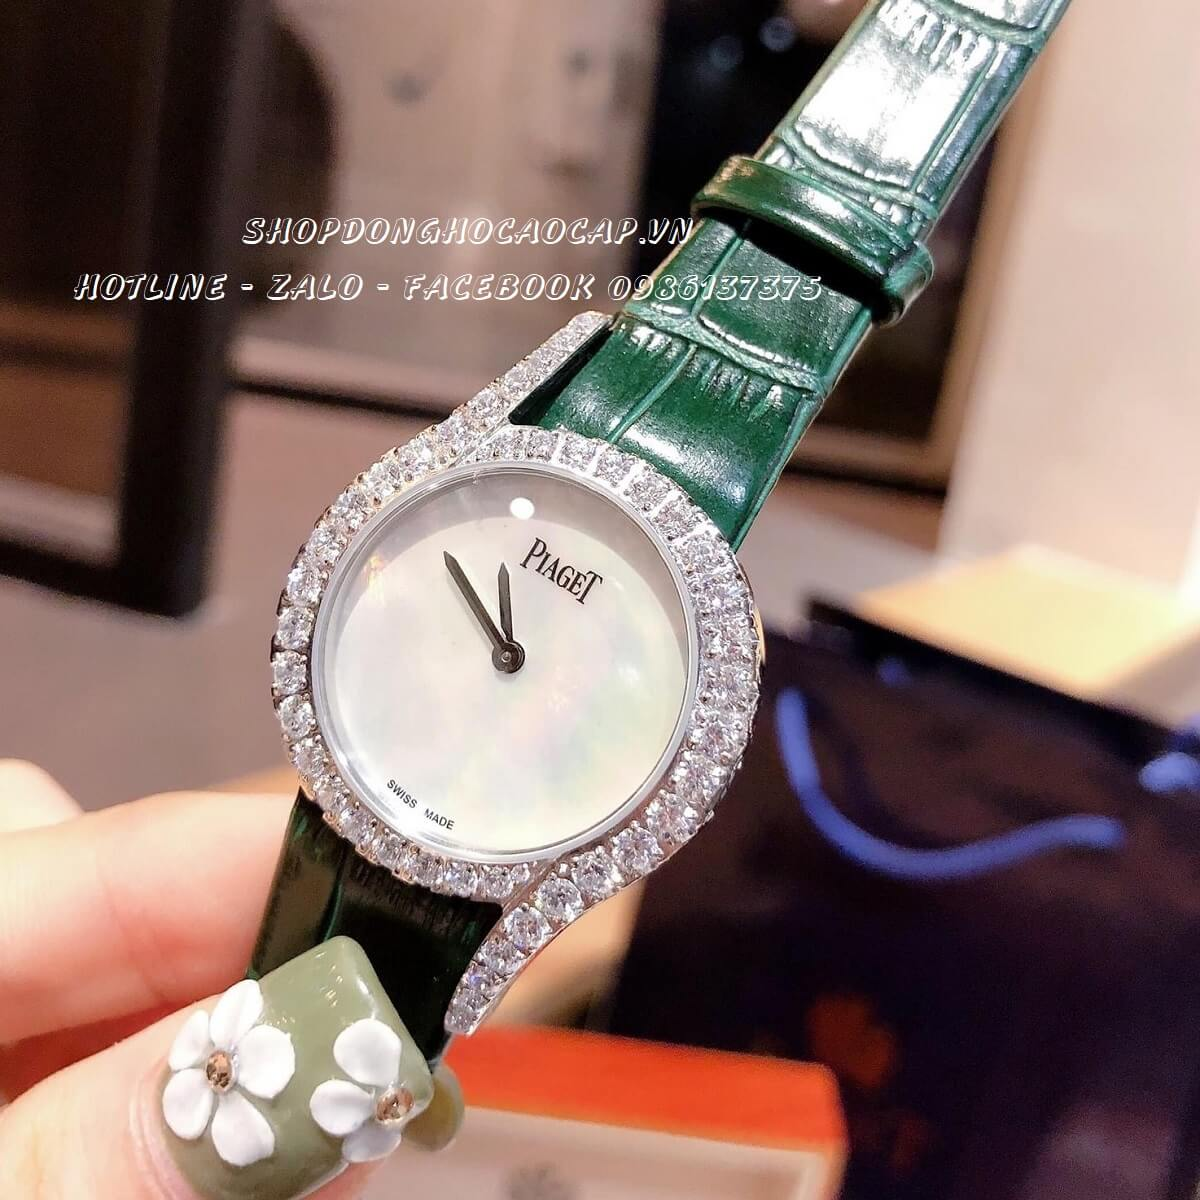 Đồng Hồ Piaget Nữ Dây Da Xanh Silver 32mm